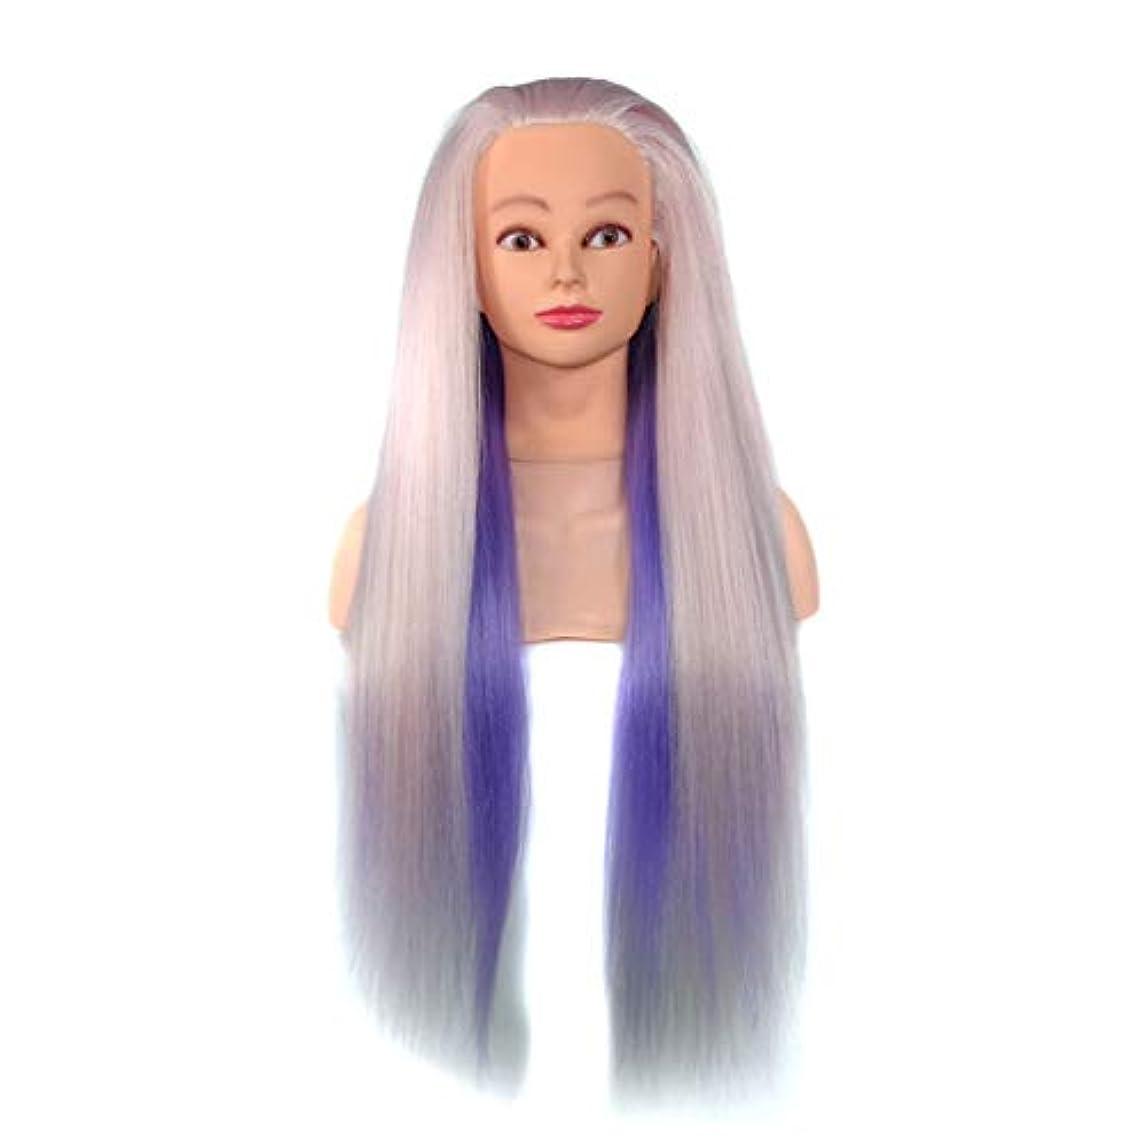 持つ一杯エンジン高温シルク花嫁編組エクササイズヘッドサロン教育グラデーショントレーニングヘッド理髪学習ヘッドモデル